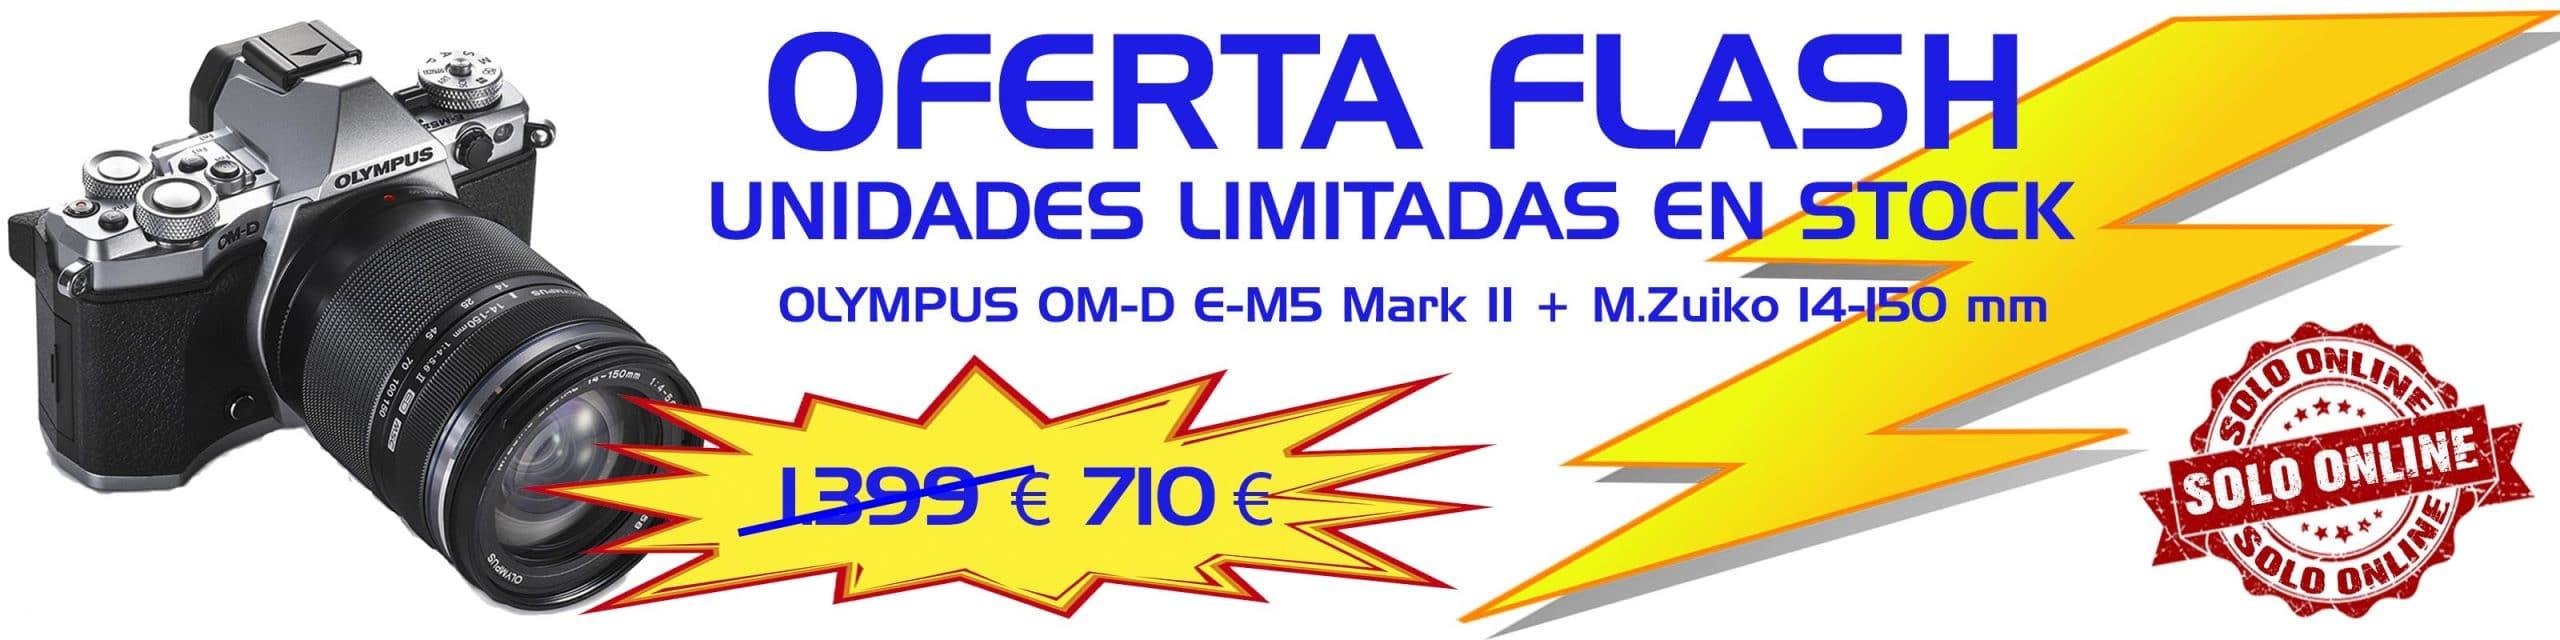 Unidades limitadas de Olympus E-M5 Mark II a un precio inigualable